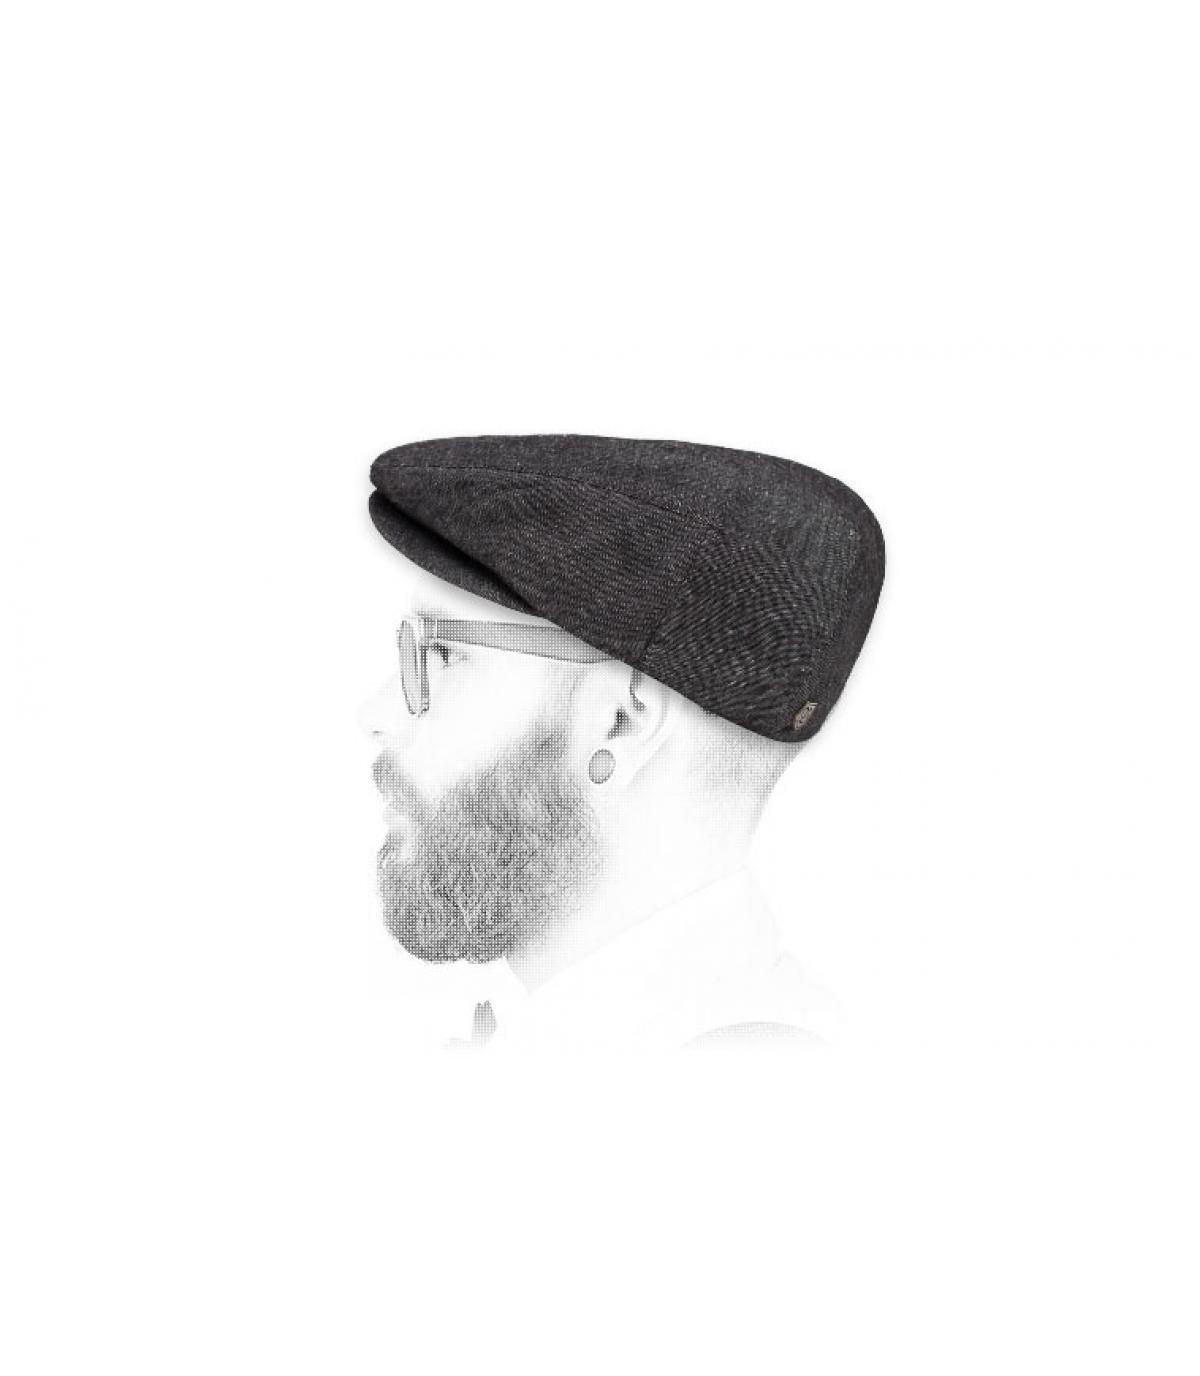 Brixton black linen flat cap